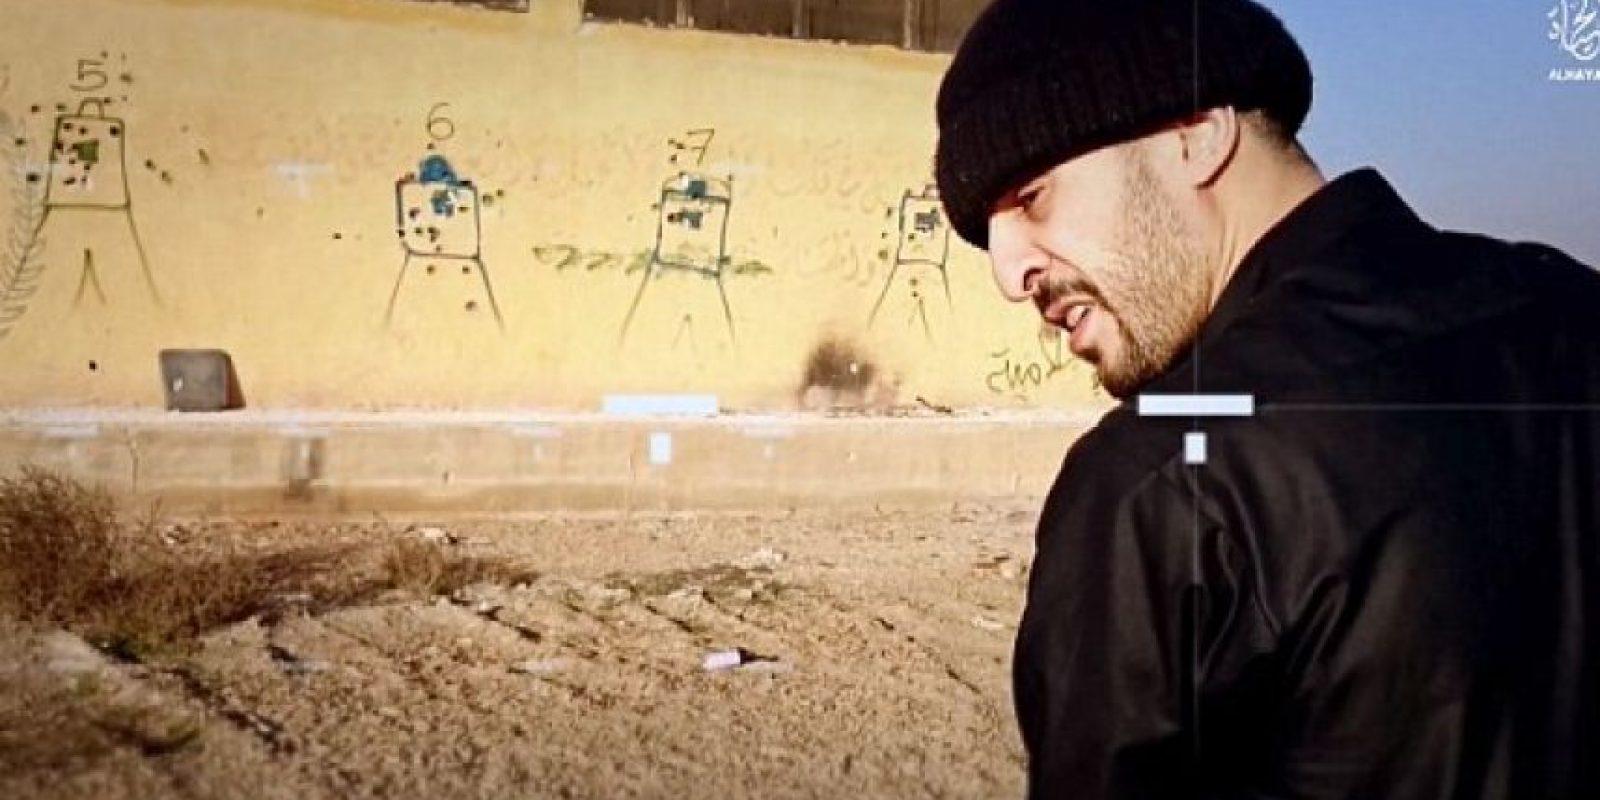 Brahim Abdeslam realiza prácticas en una pared Foto:Video de Estado Islámico